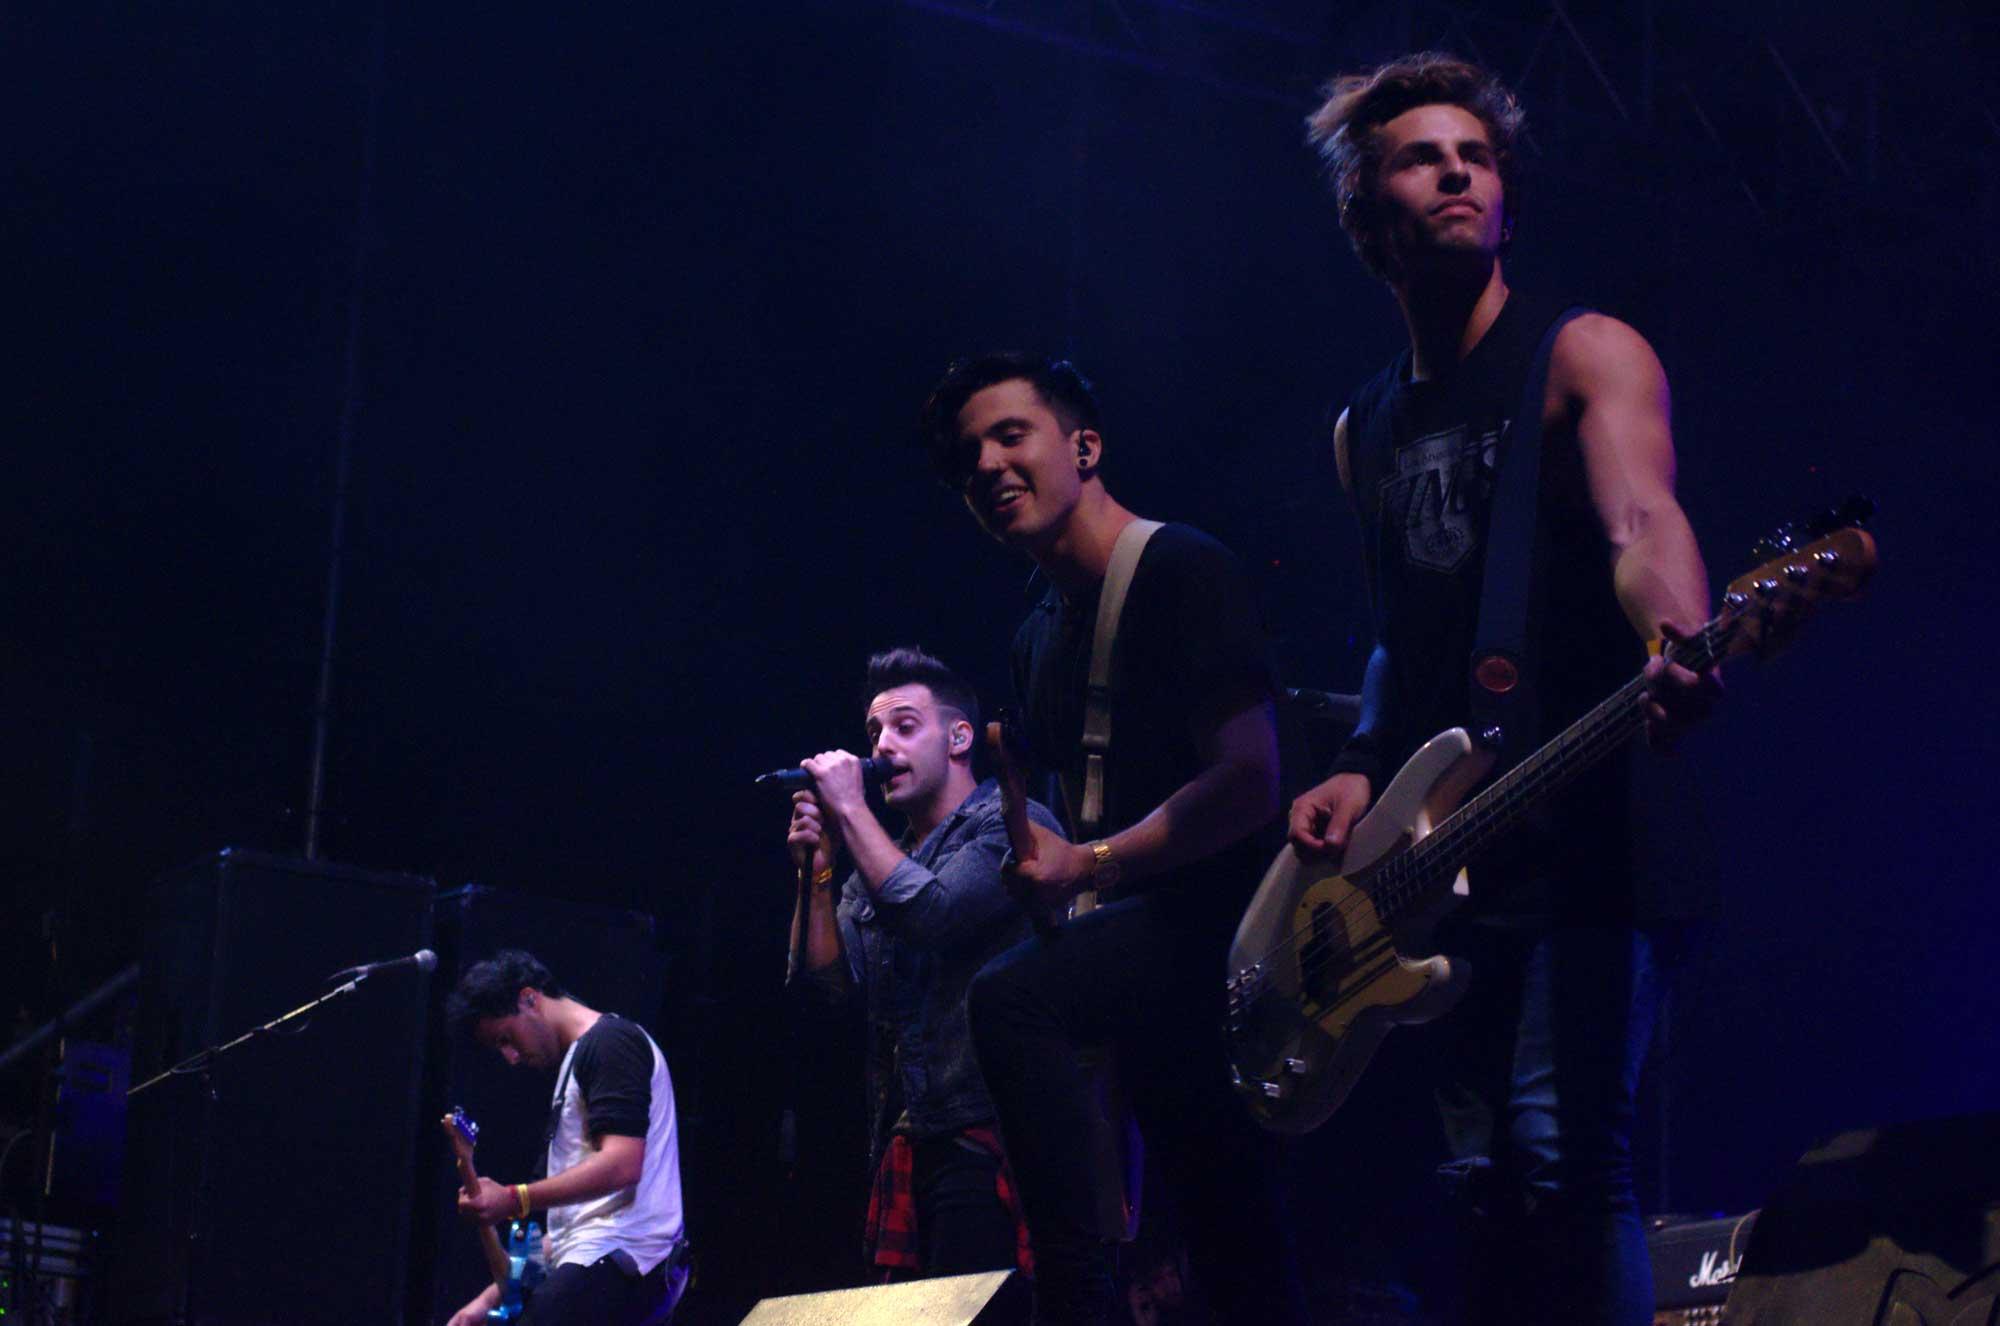 Fotografies del concert d'Amelie a la Festa Major de Cornellà de Llobregat